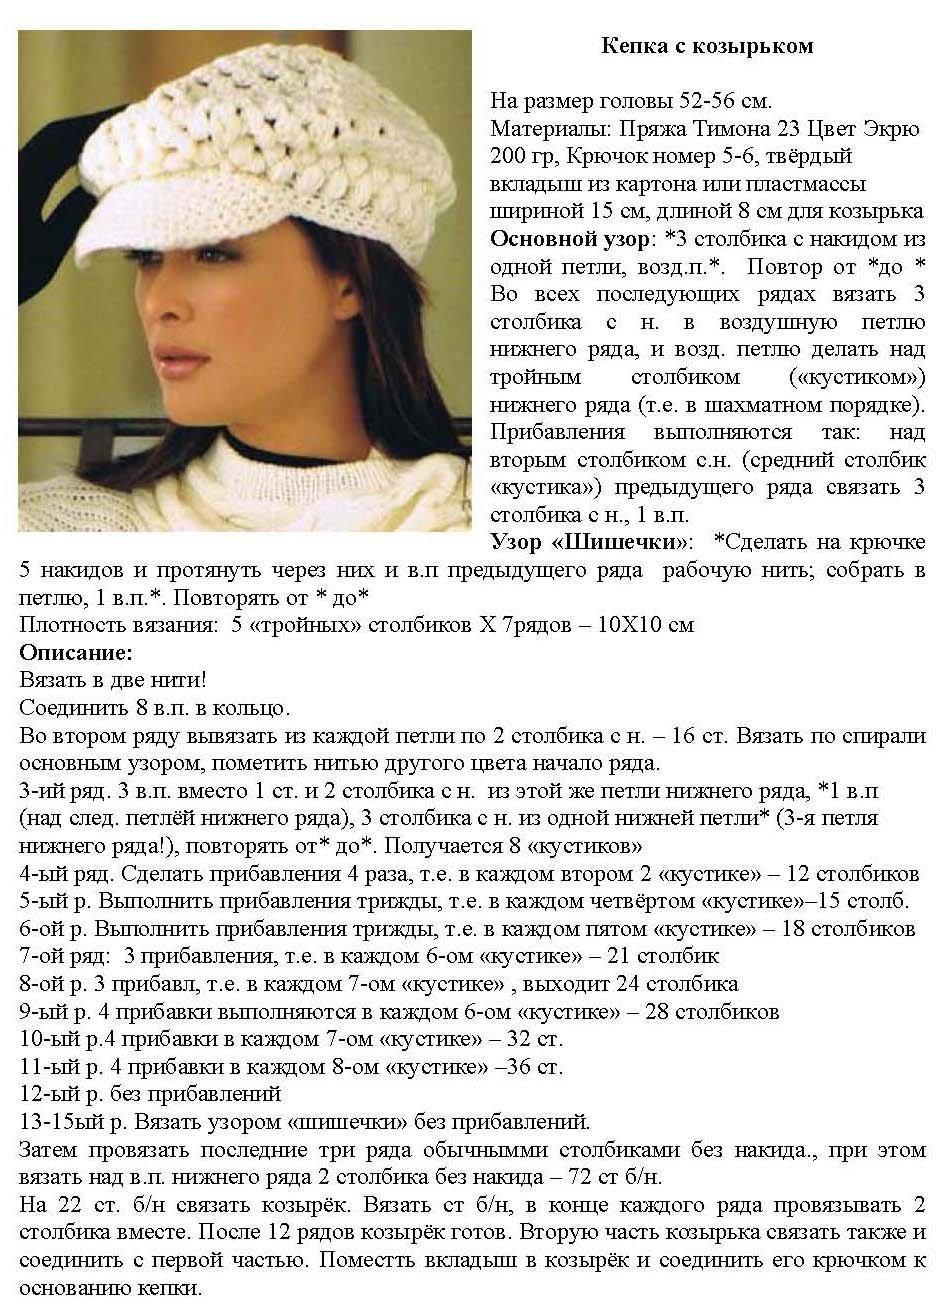 Женская кепка с козырьком схема вязания козырька